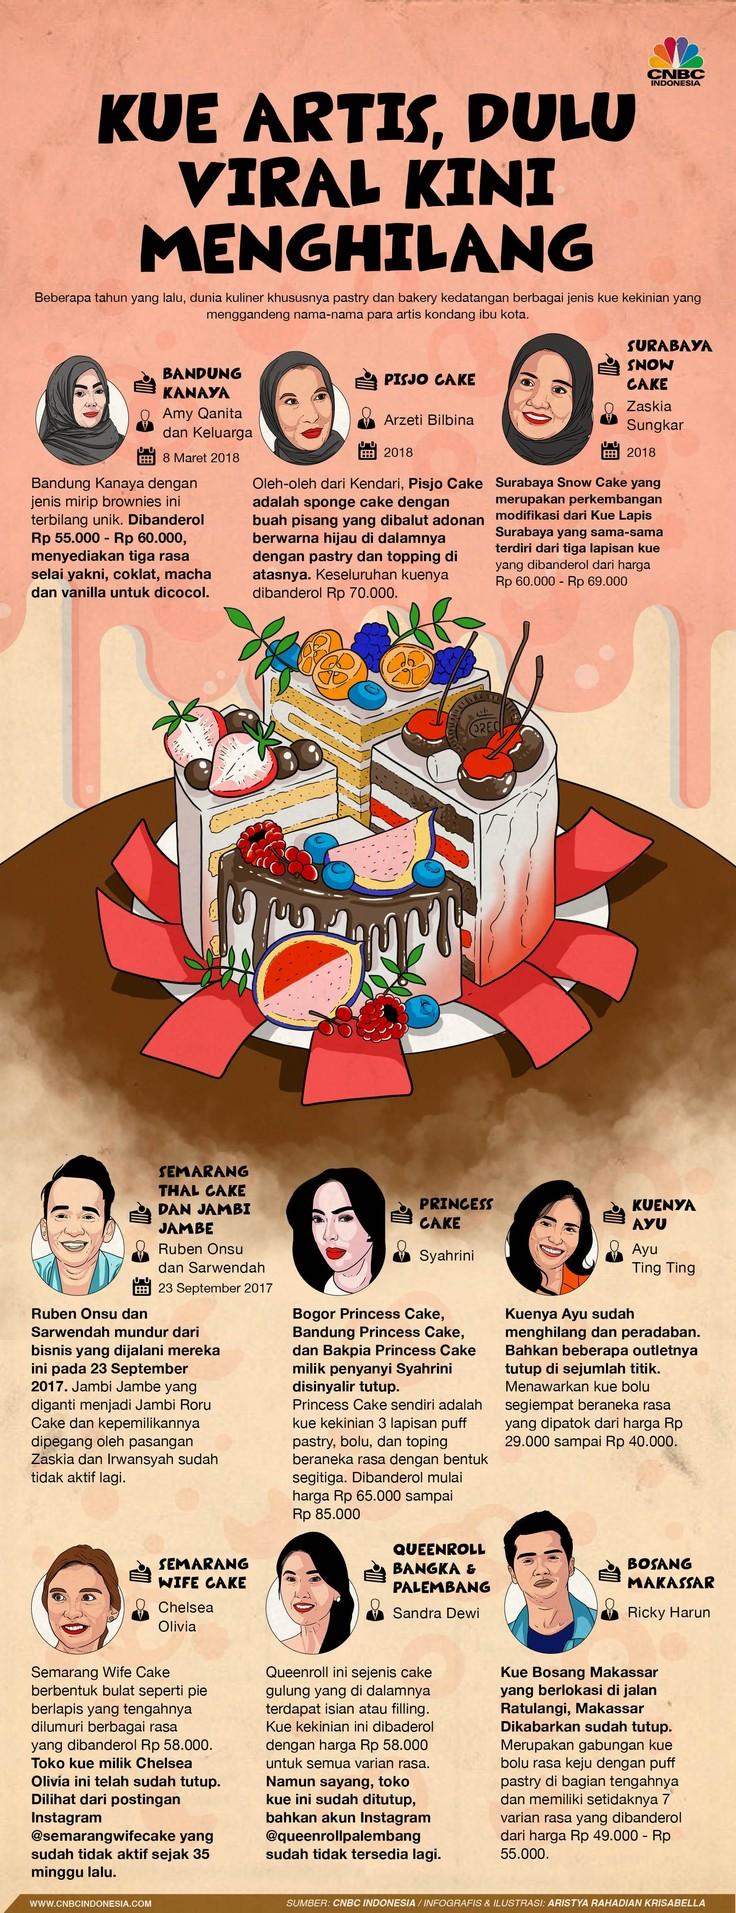 Kue-kue artis sempat jadi viral dan booming beberapa tahun lalu, namun kini keberadaannya bagaikan ditelan bumi